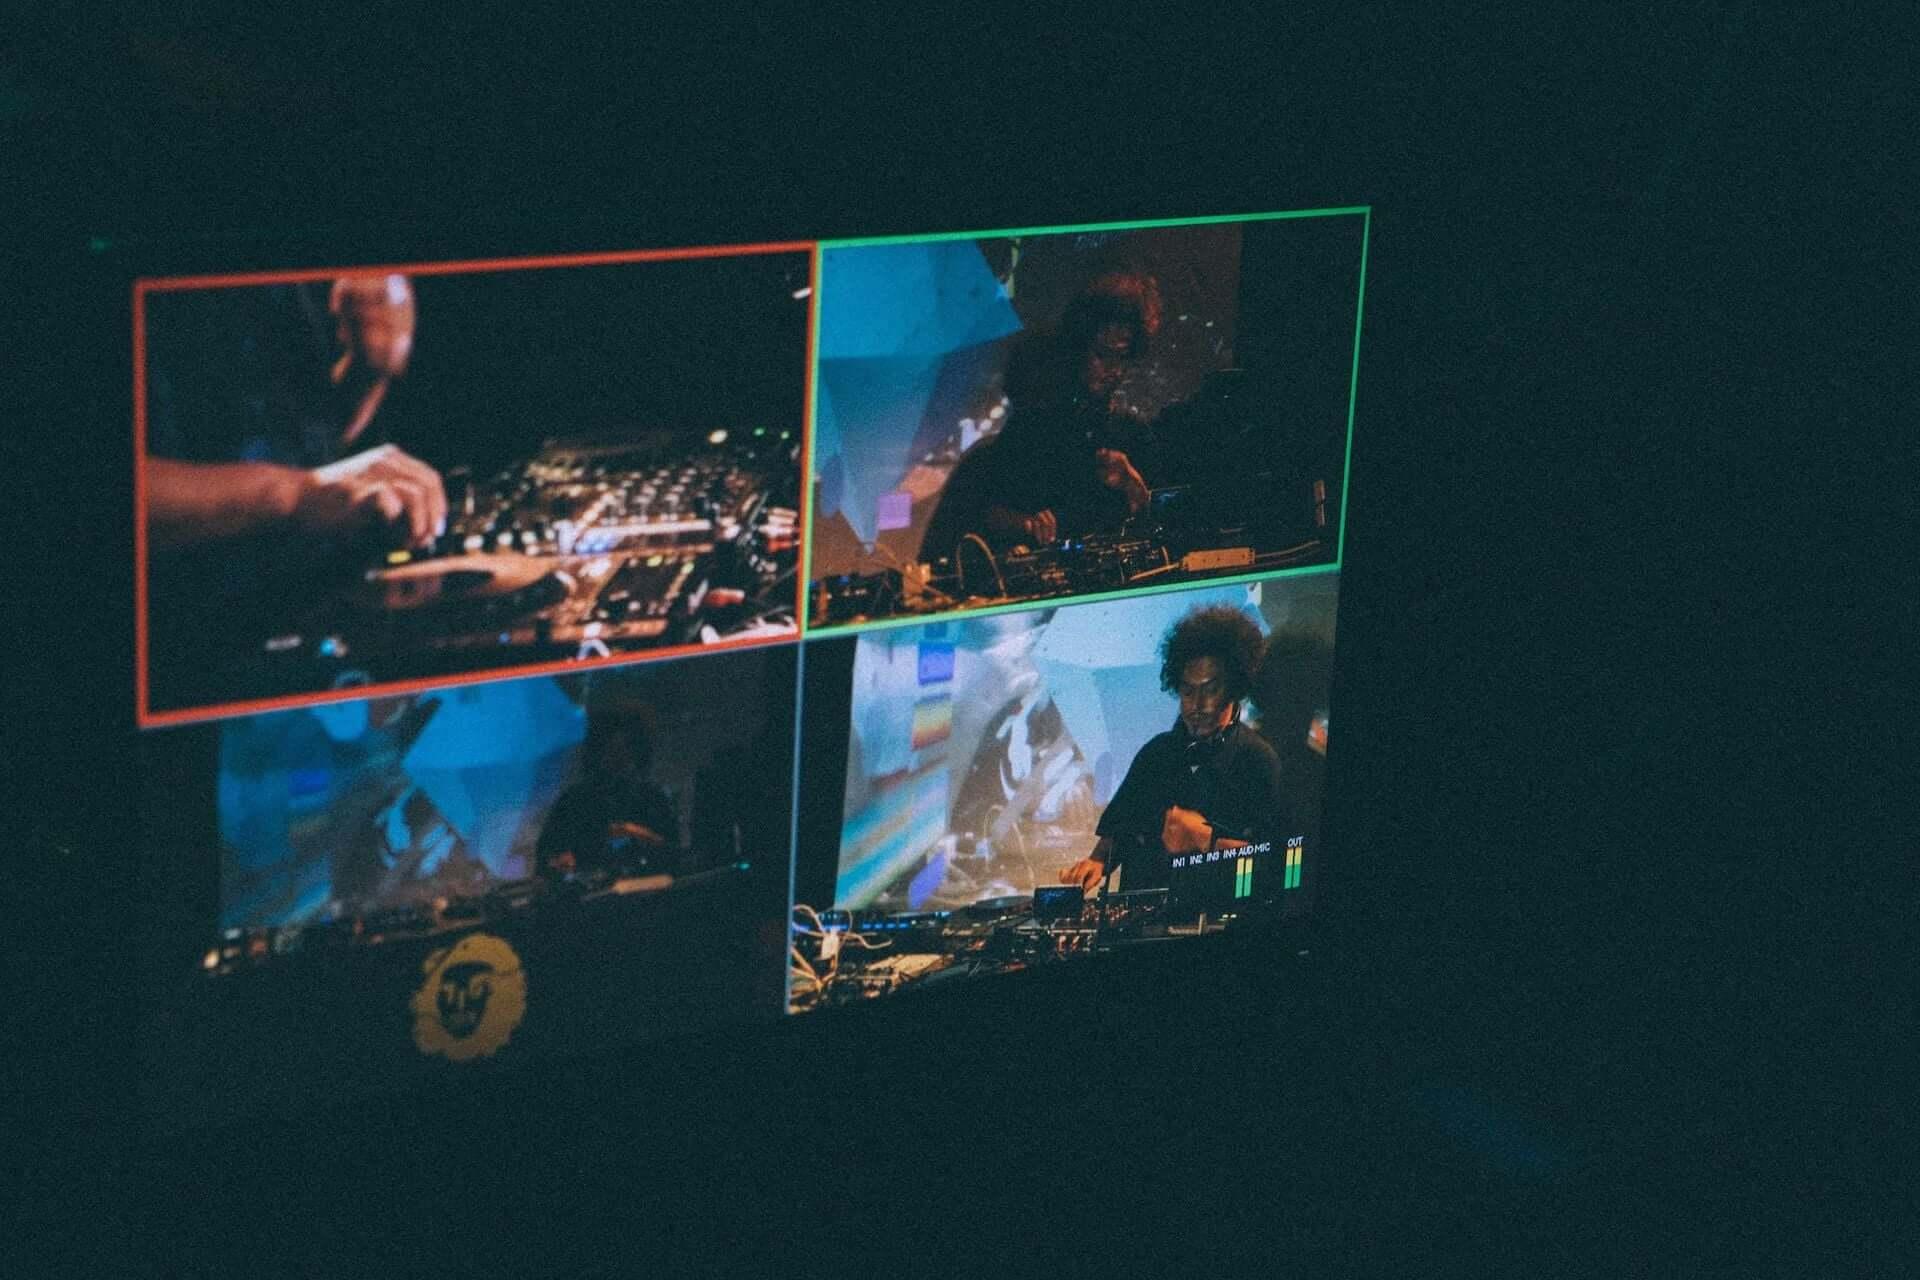 配信イベント<VirtuaRAW>が月額制番組へと移行!GEZAN、KOJOE、RITTOら出演の<波の上フェスティバル2020>が独占生配信決定 music201117_virtuaraw_7-1920x1280